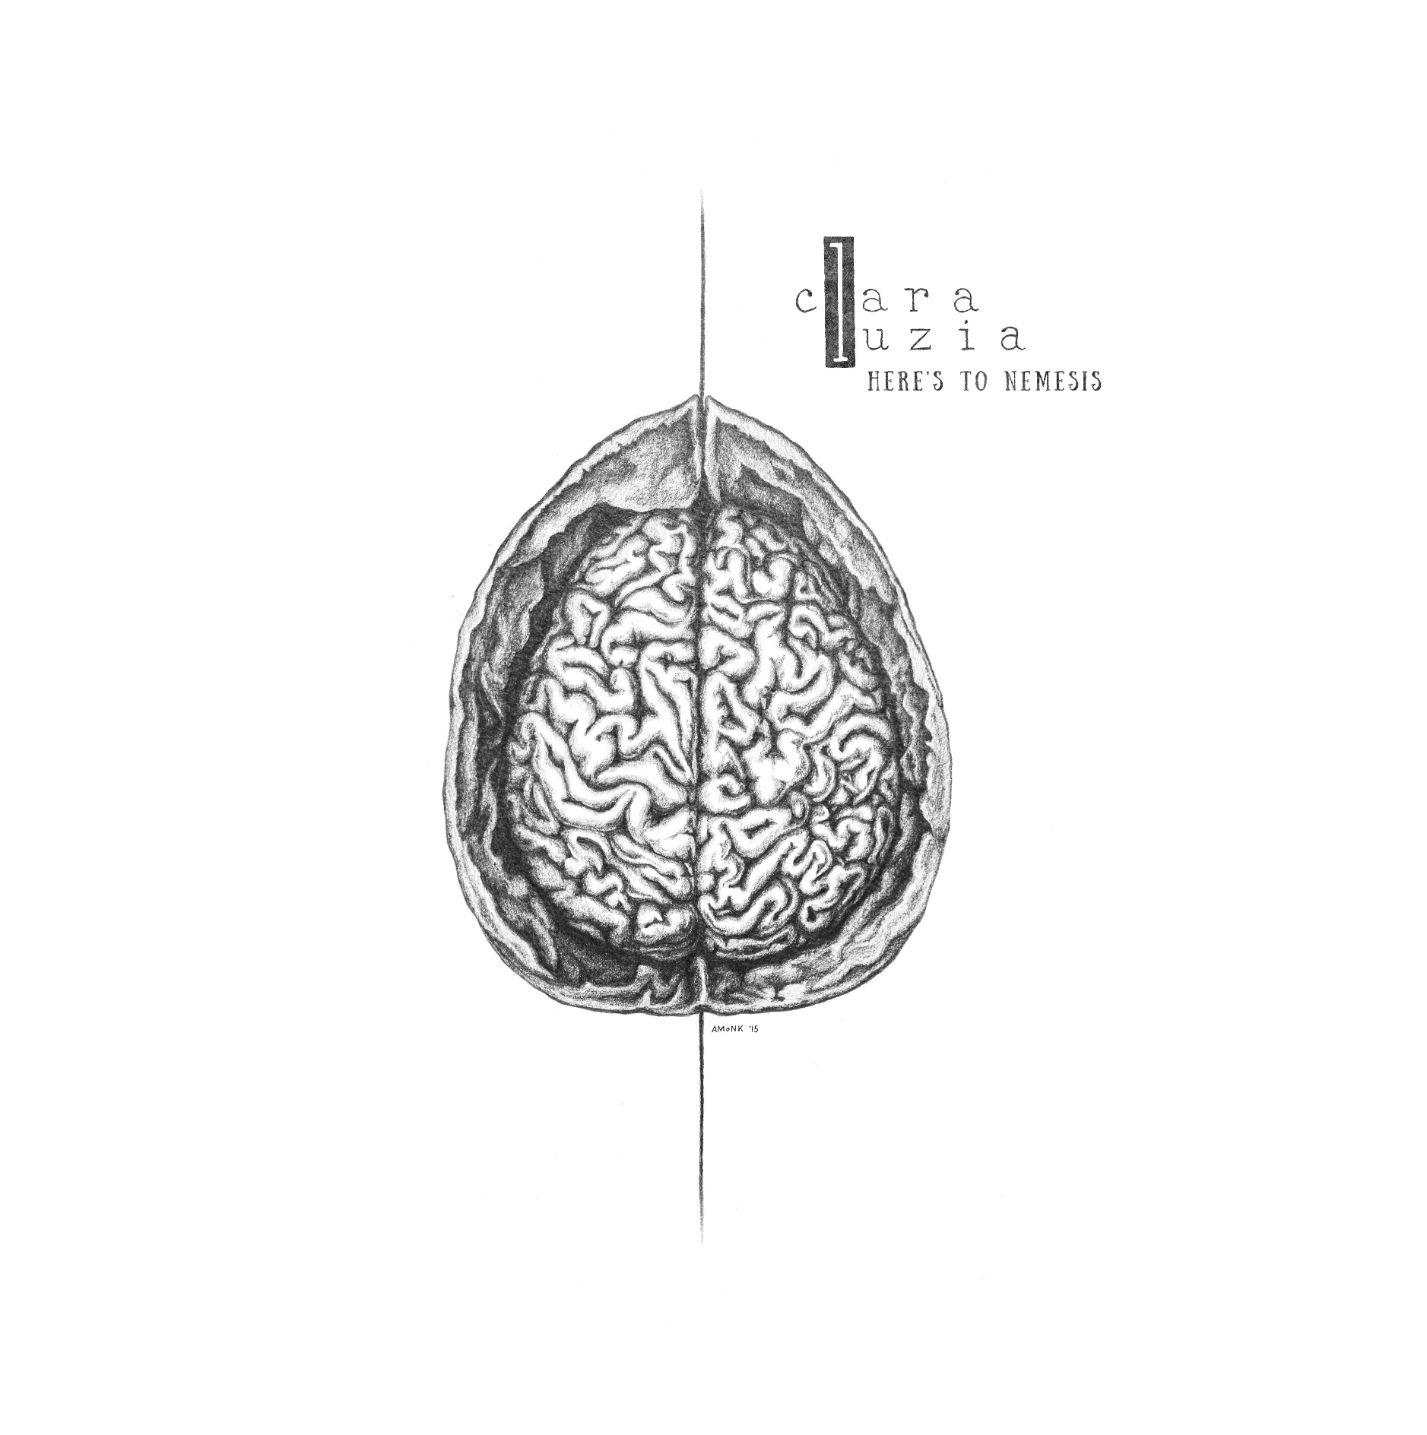 CLARA LUZIA - Here's To Nemesis (2015) - Album Cover